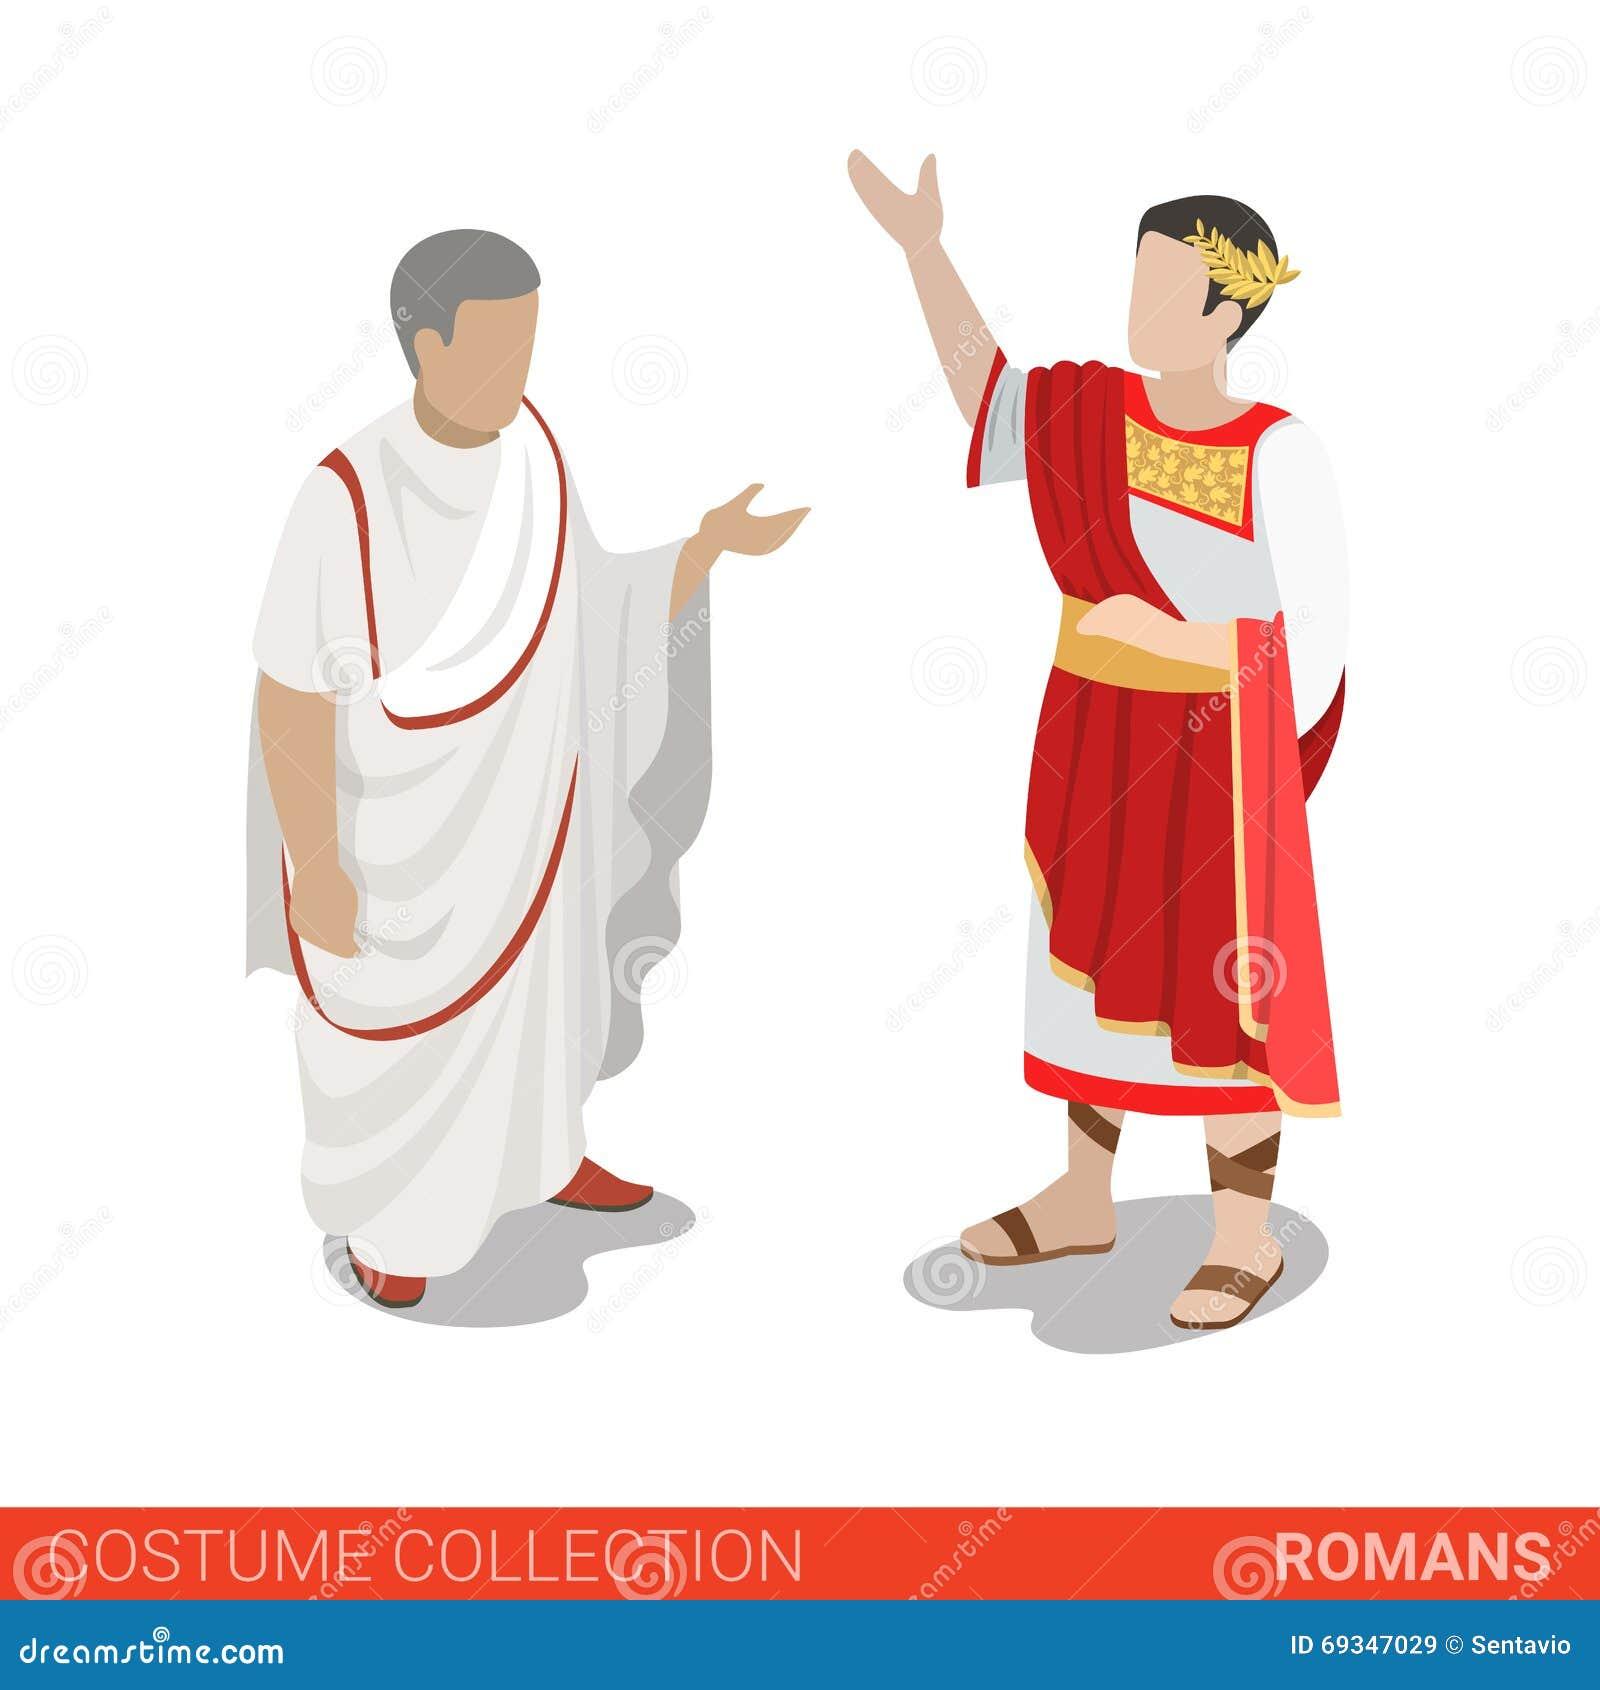 Собрание костюма 3d сенатора цезаря римской империи плоское равновеликое